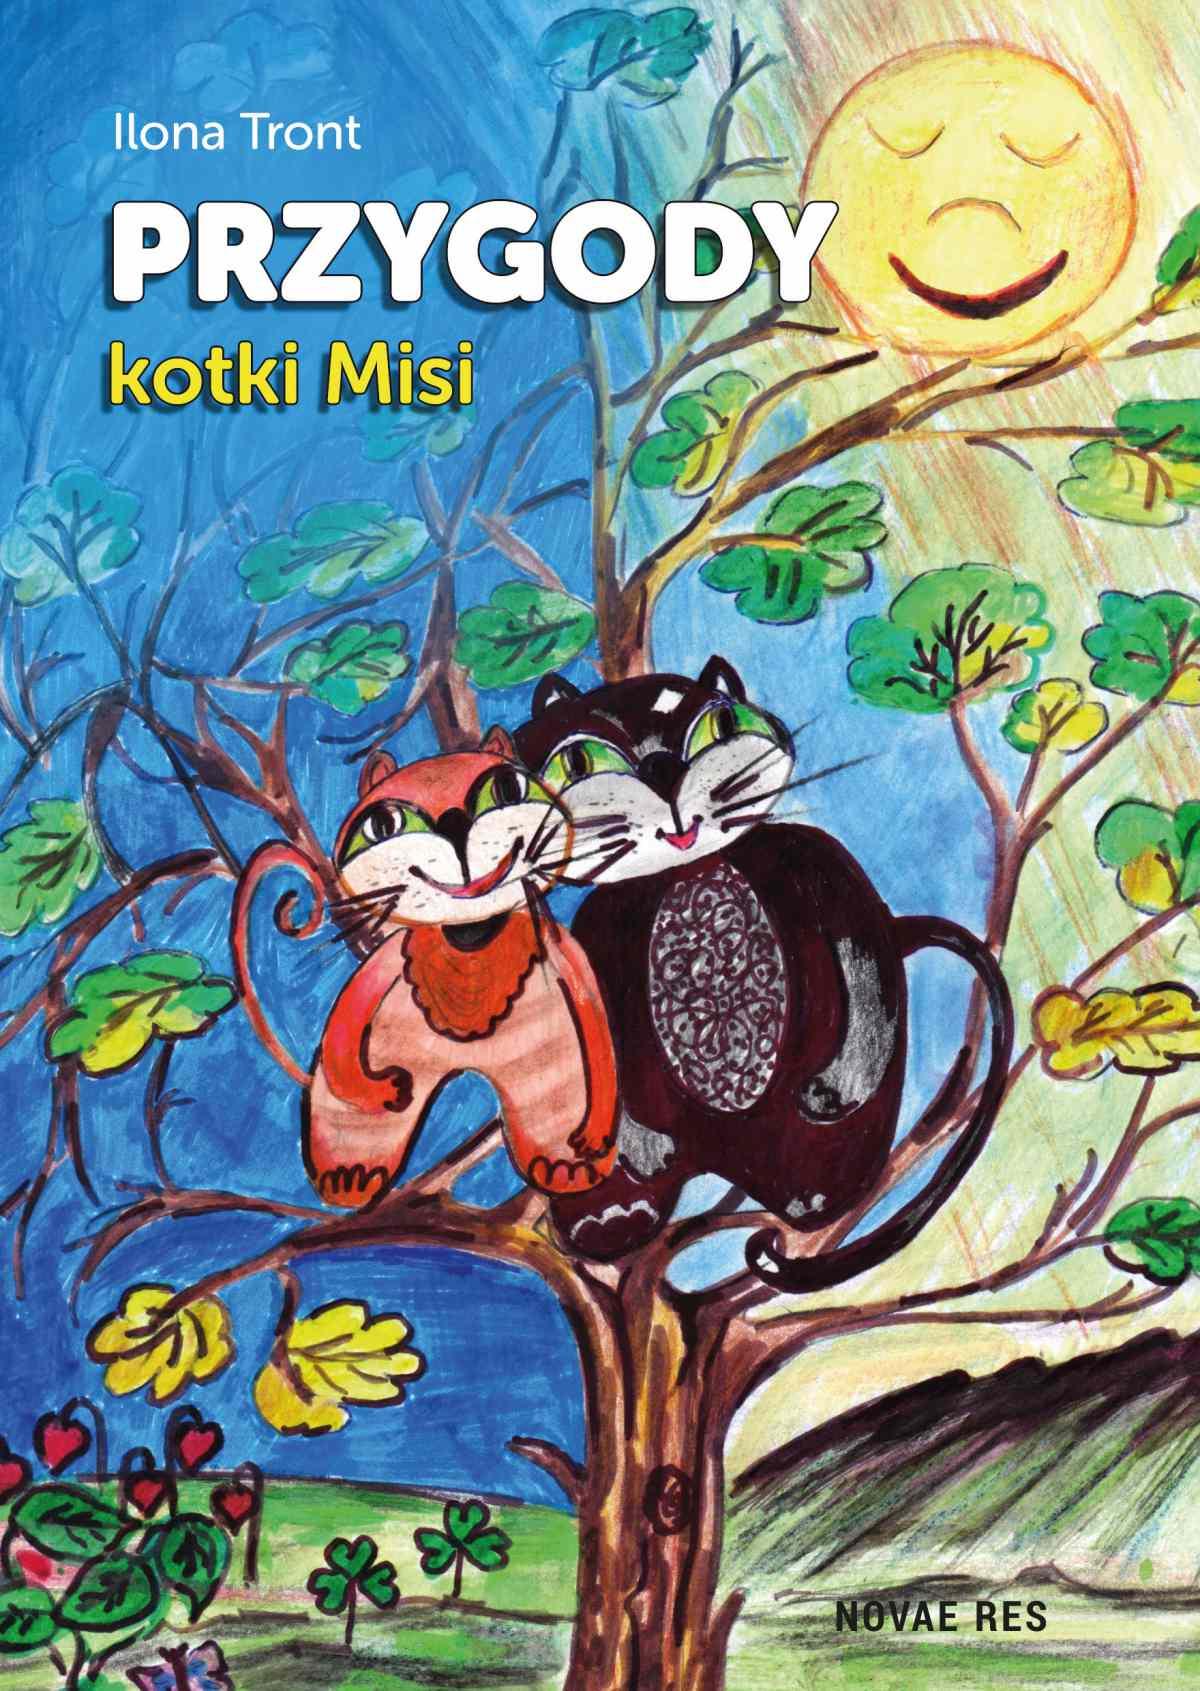 Przygody kotki Misi - Ebook (Książka EPUB) do pobrania w formacie EPUB